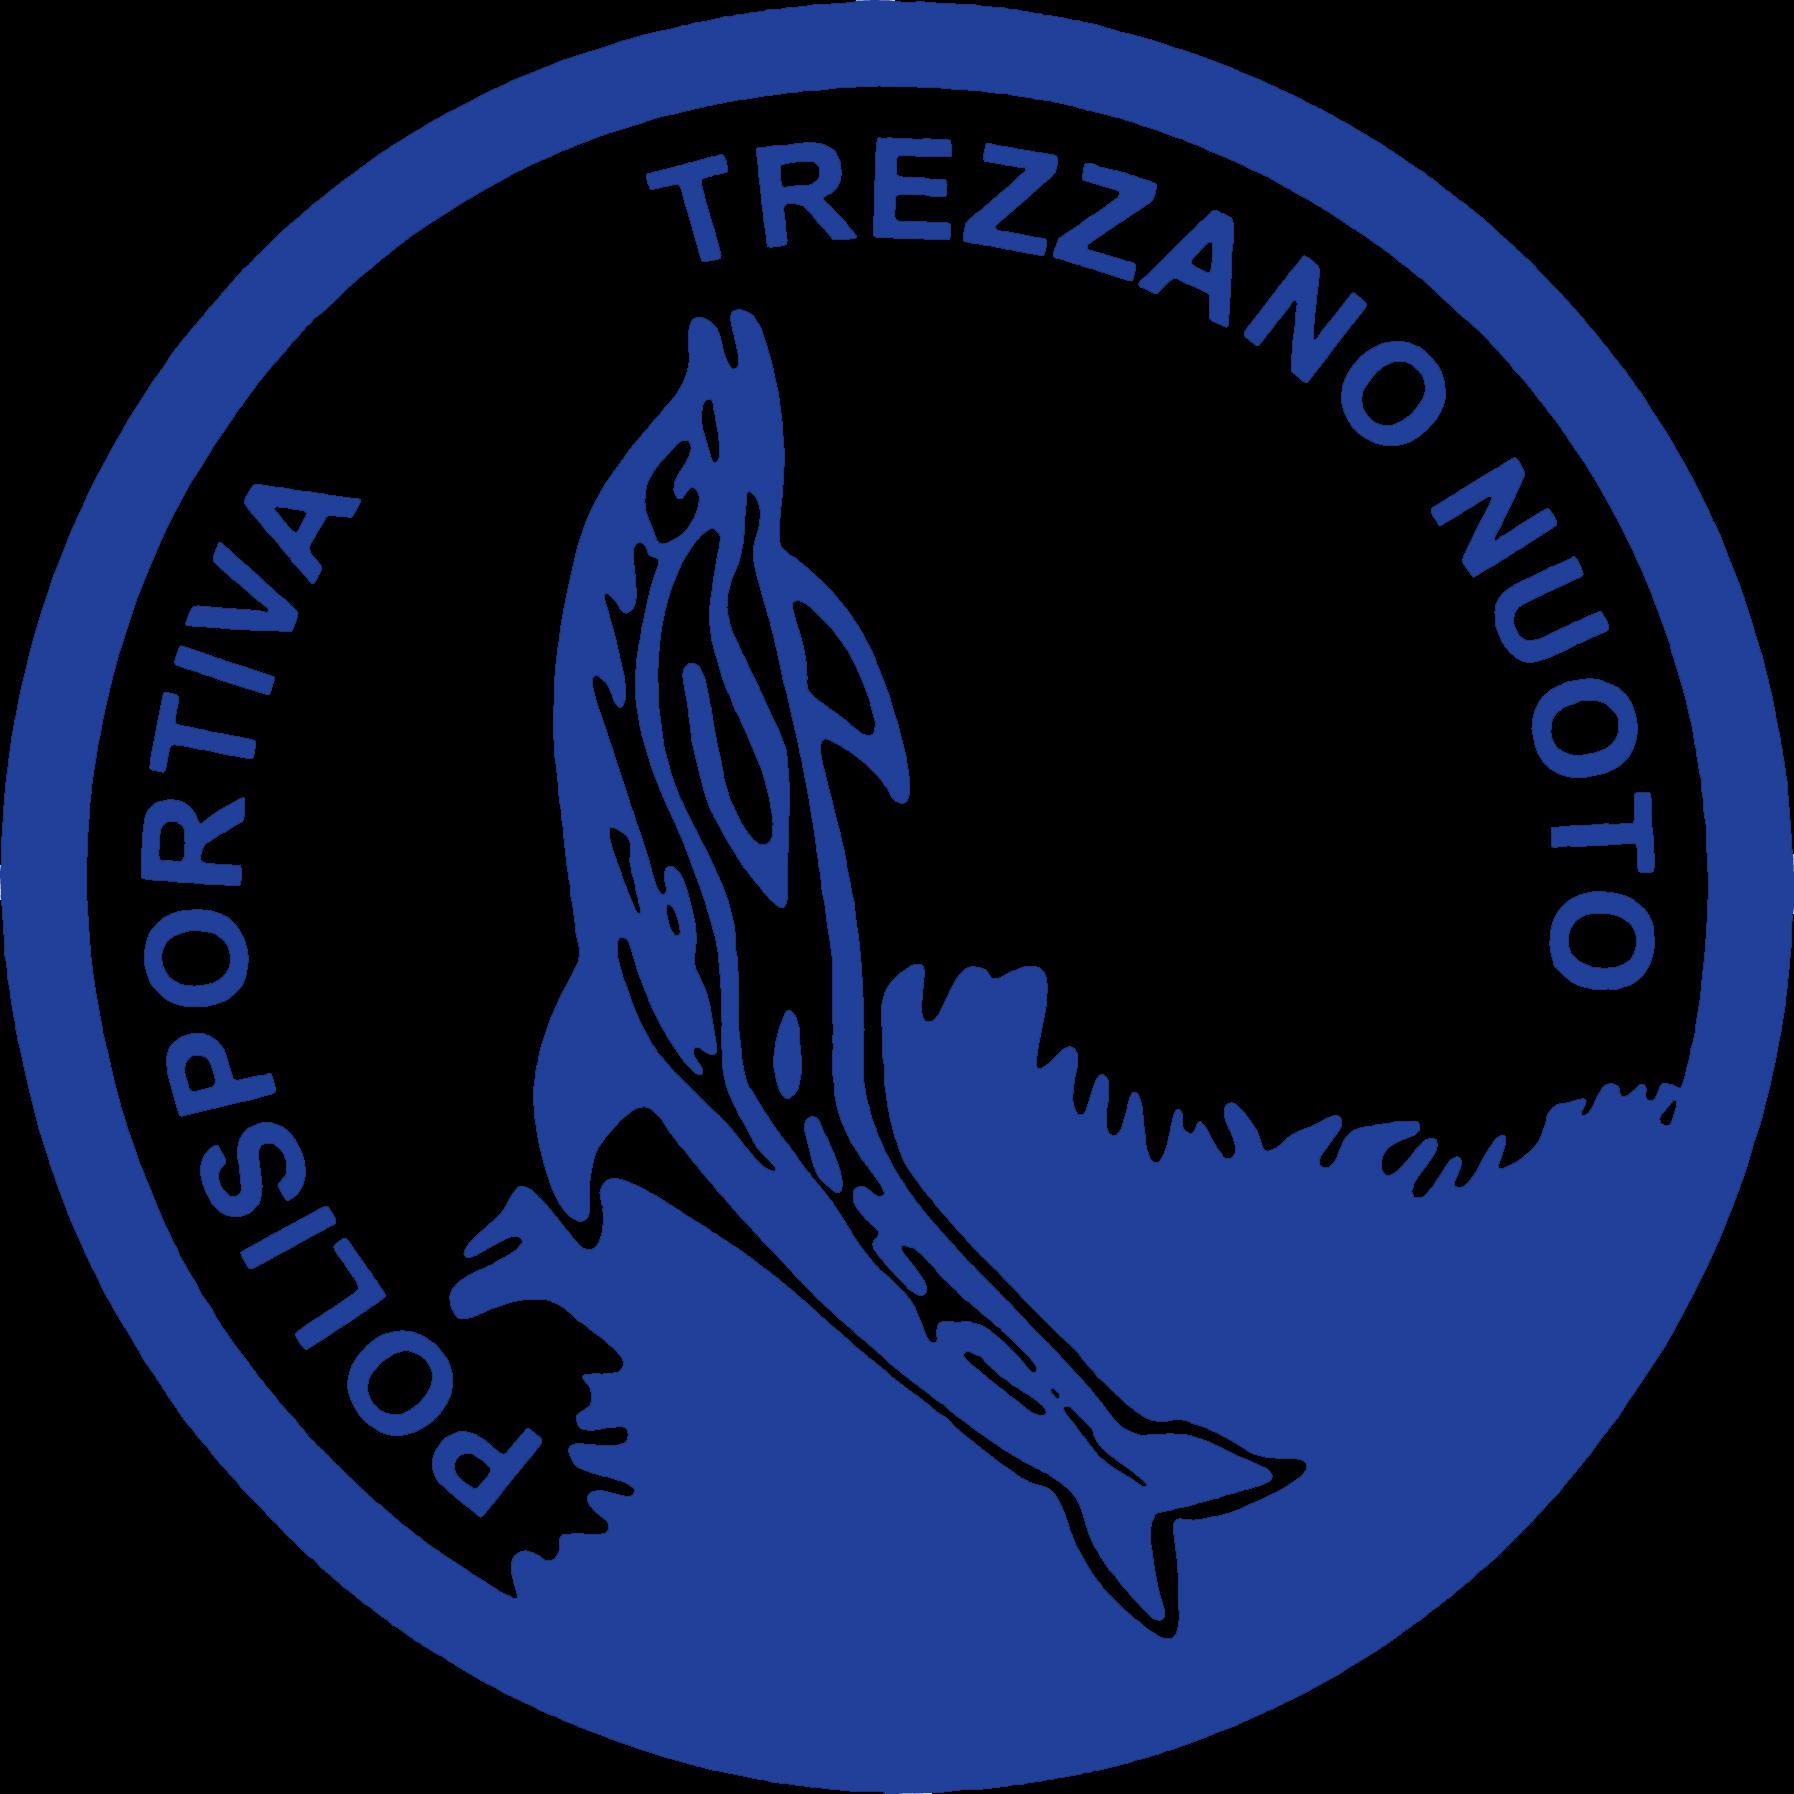 La Polisportiva Trezzano Nuoto vola sull'acqua